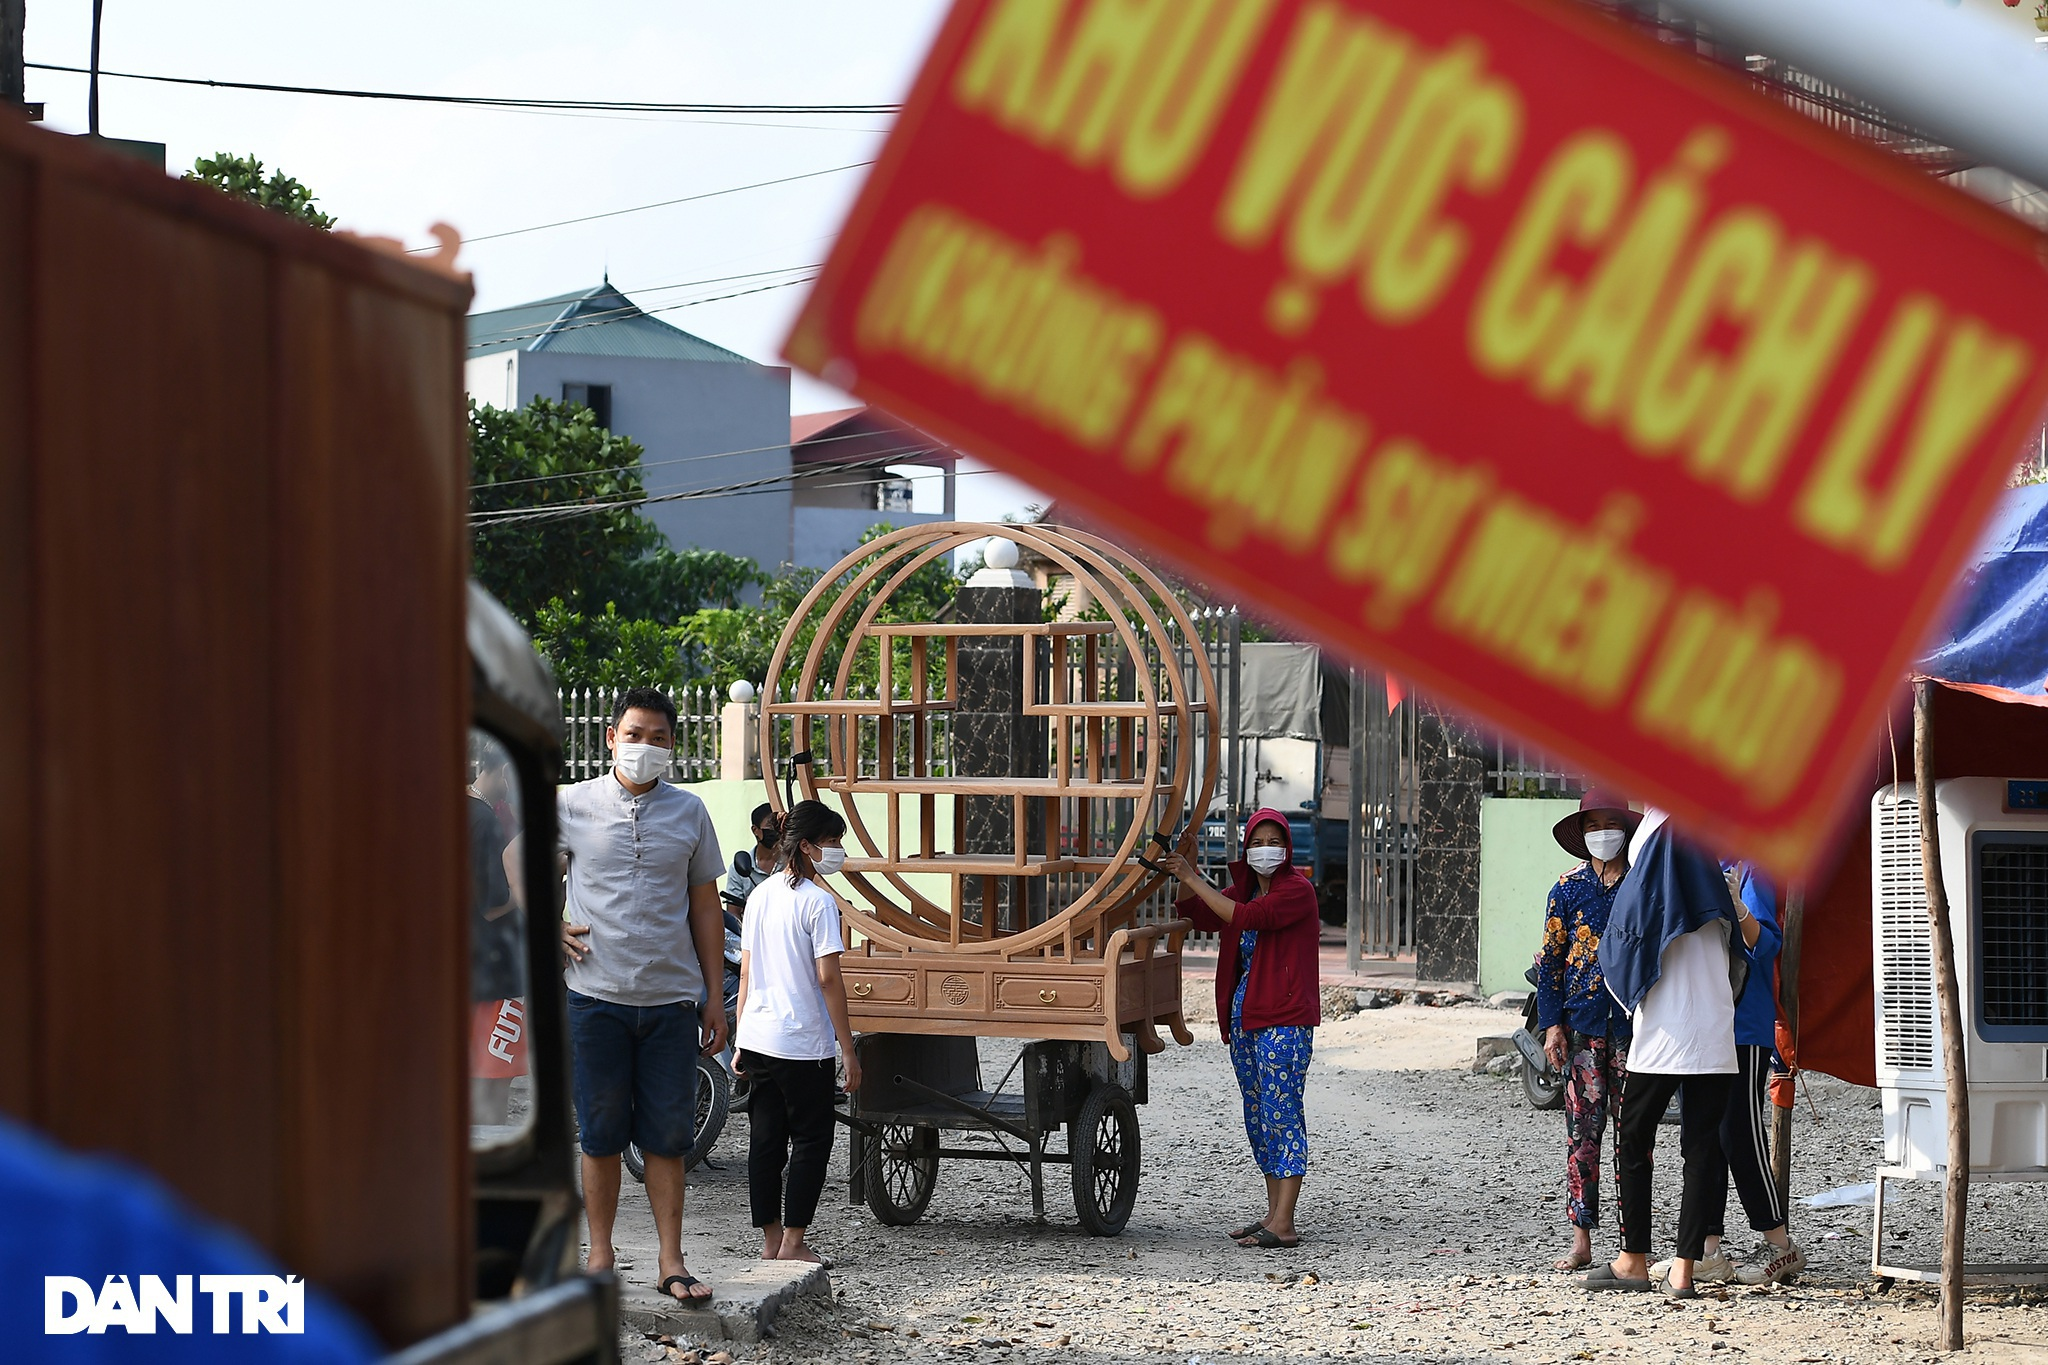 Cuộc sống khu dân cư cách ly ở Hà Nội: Cầu trời cho dịch bệnh qua nhanh - 15